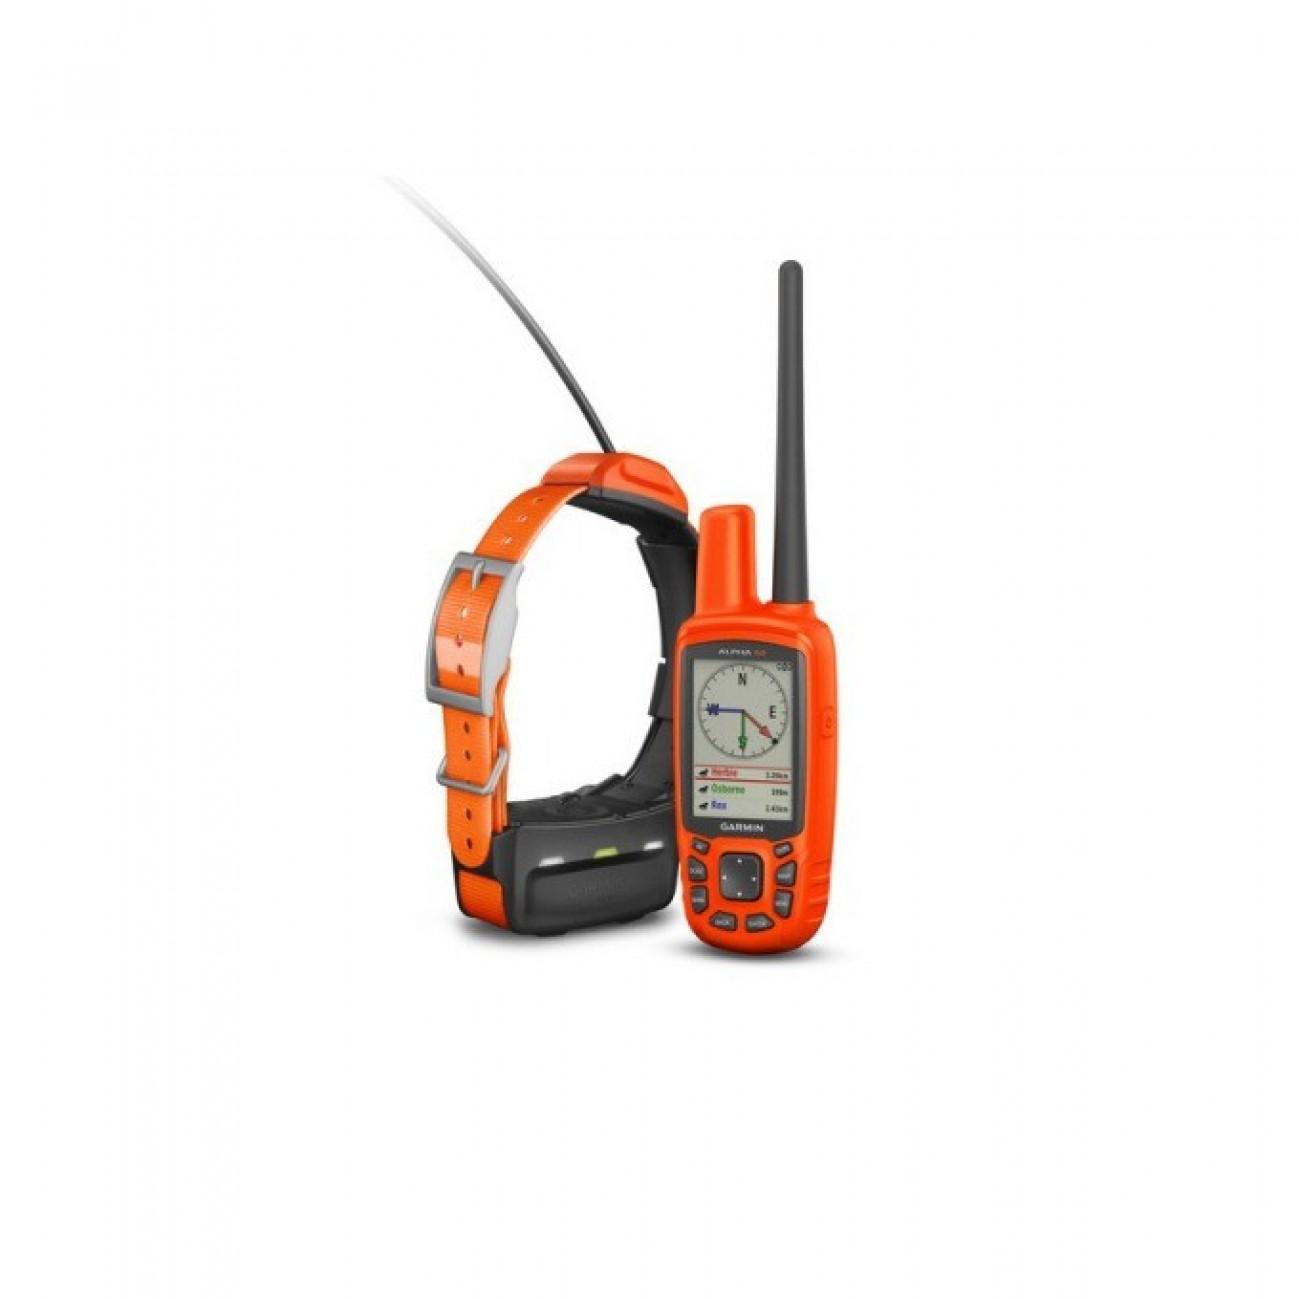 Garmin Alpha 50 Bulgaria с каишка T5, система за проследяване на кучета, обхват до 14км, 2.6(6.60 cm) TFT цветен дисплей, 1.7GB Flash памет(+microSD слот), USB, IPX7 водоустойчивост, базова карта на България и добавяне в GPS Навигатори -  | Alleop